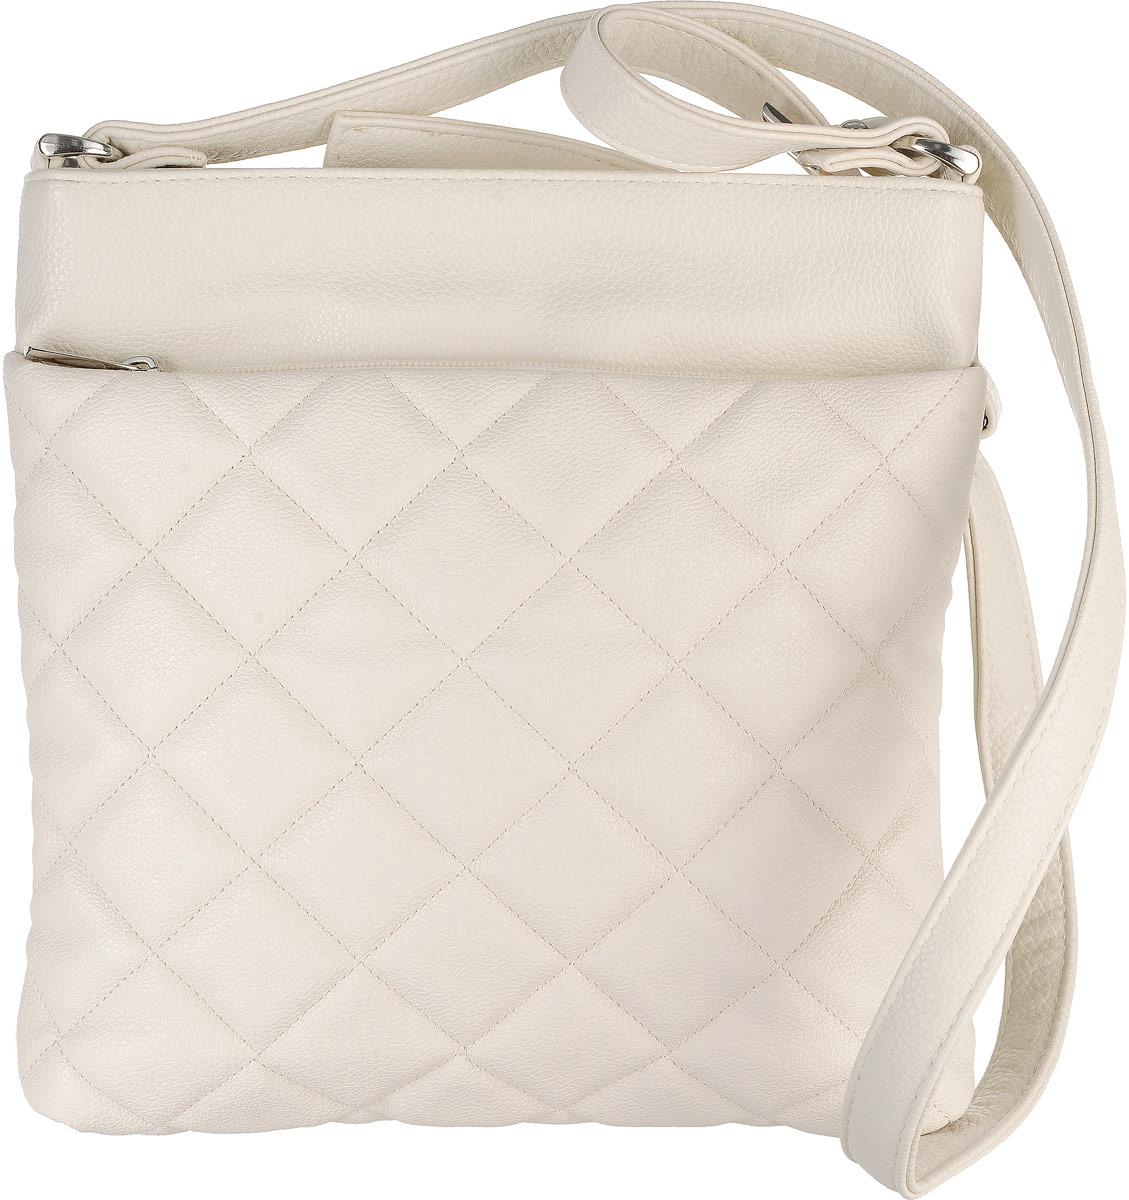 Сумка женская Аntan, цвет: светло-бежевый. 902902Стильная женская сумка Аntan выполнена из искусственной кожи. Изделие имеет одно отделение, которое застегивается на застежку-молнию. Внутри сумки находятся два накладных открытых кармана и прорезной карман на застежке-молнии. Снаружи, на передней стенке расположен накладной карман на застежке-молнии, на задней стенке - прорезной карман на застежке-молнии. Сумка оснащена регулируемым наплечным ремнем.